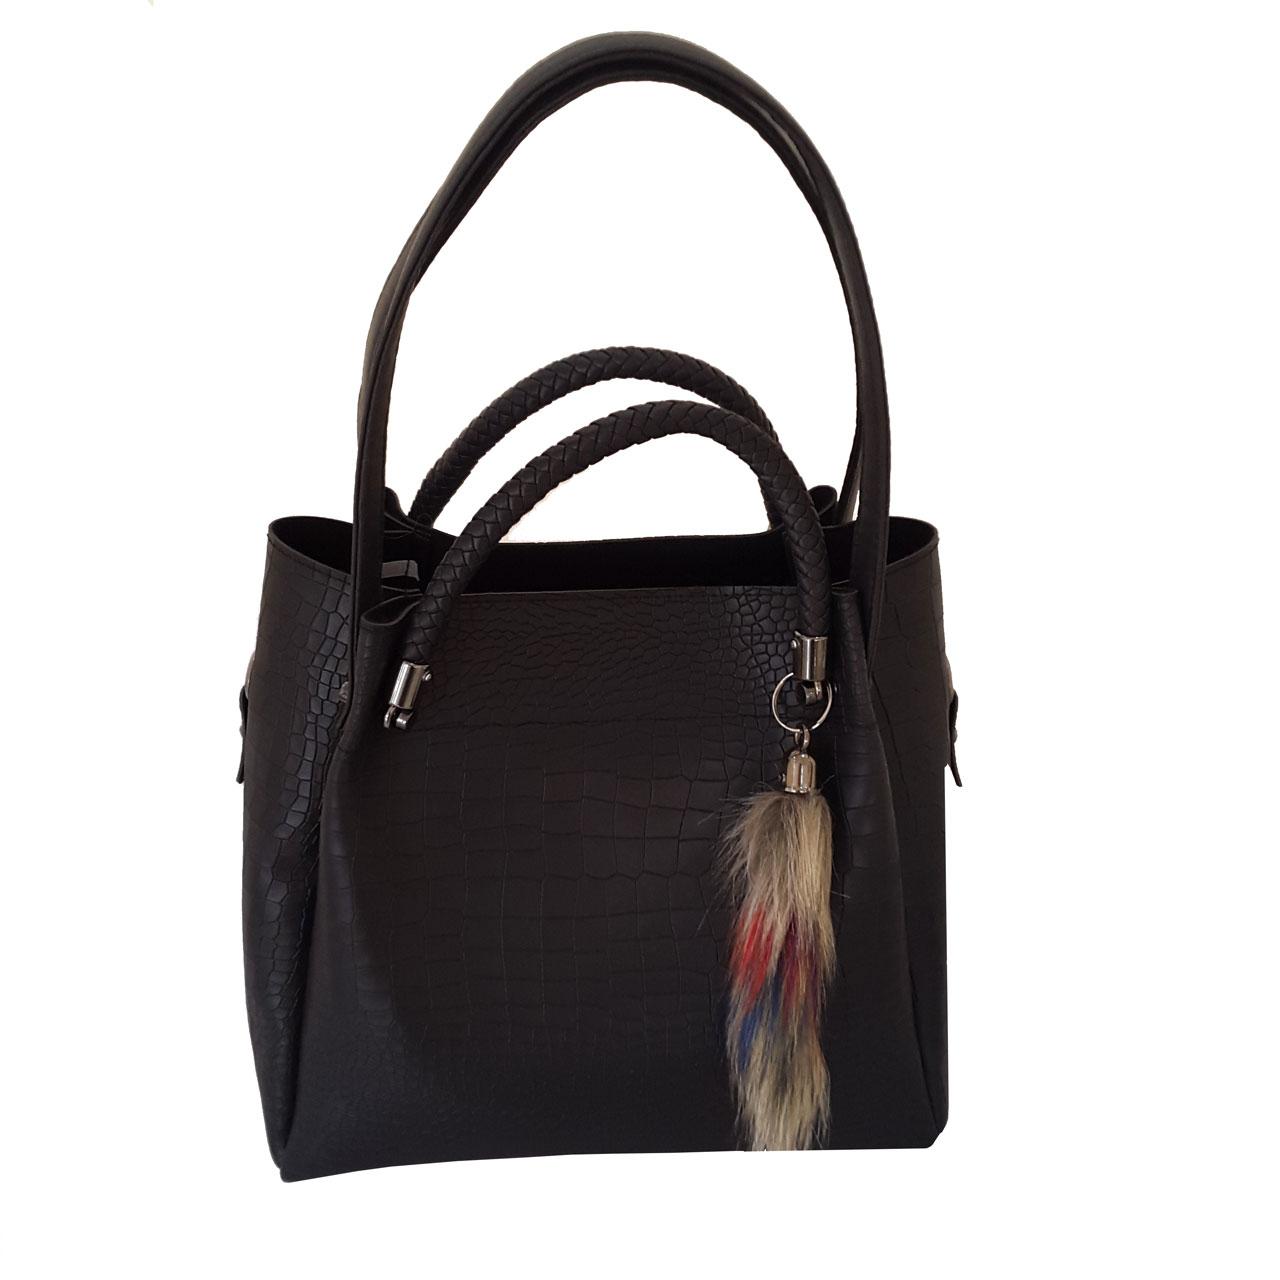 کیف دستی زنانه طرح سنگی مدل KRS881